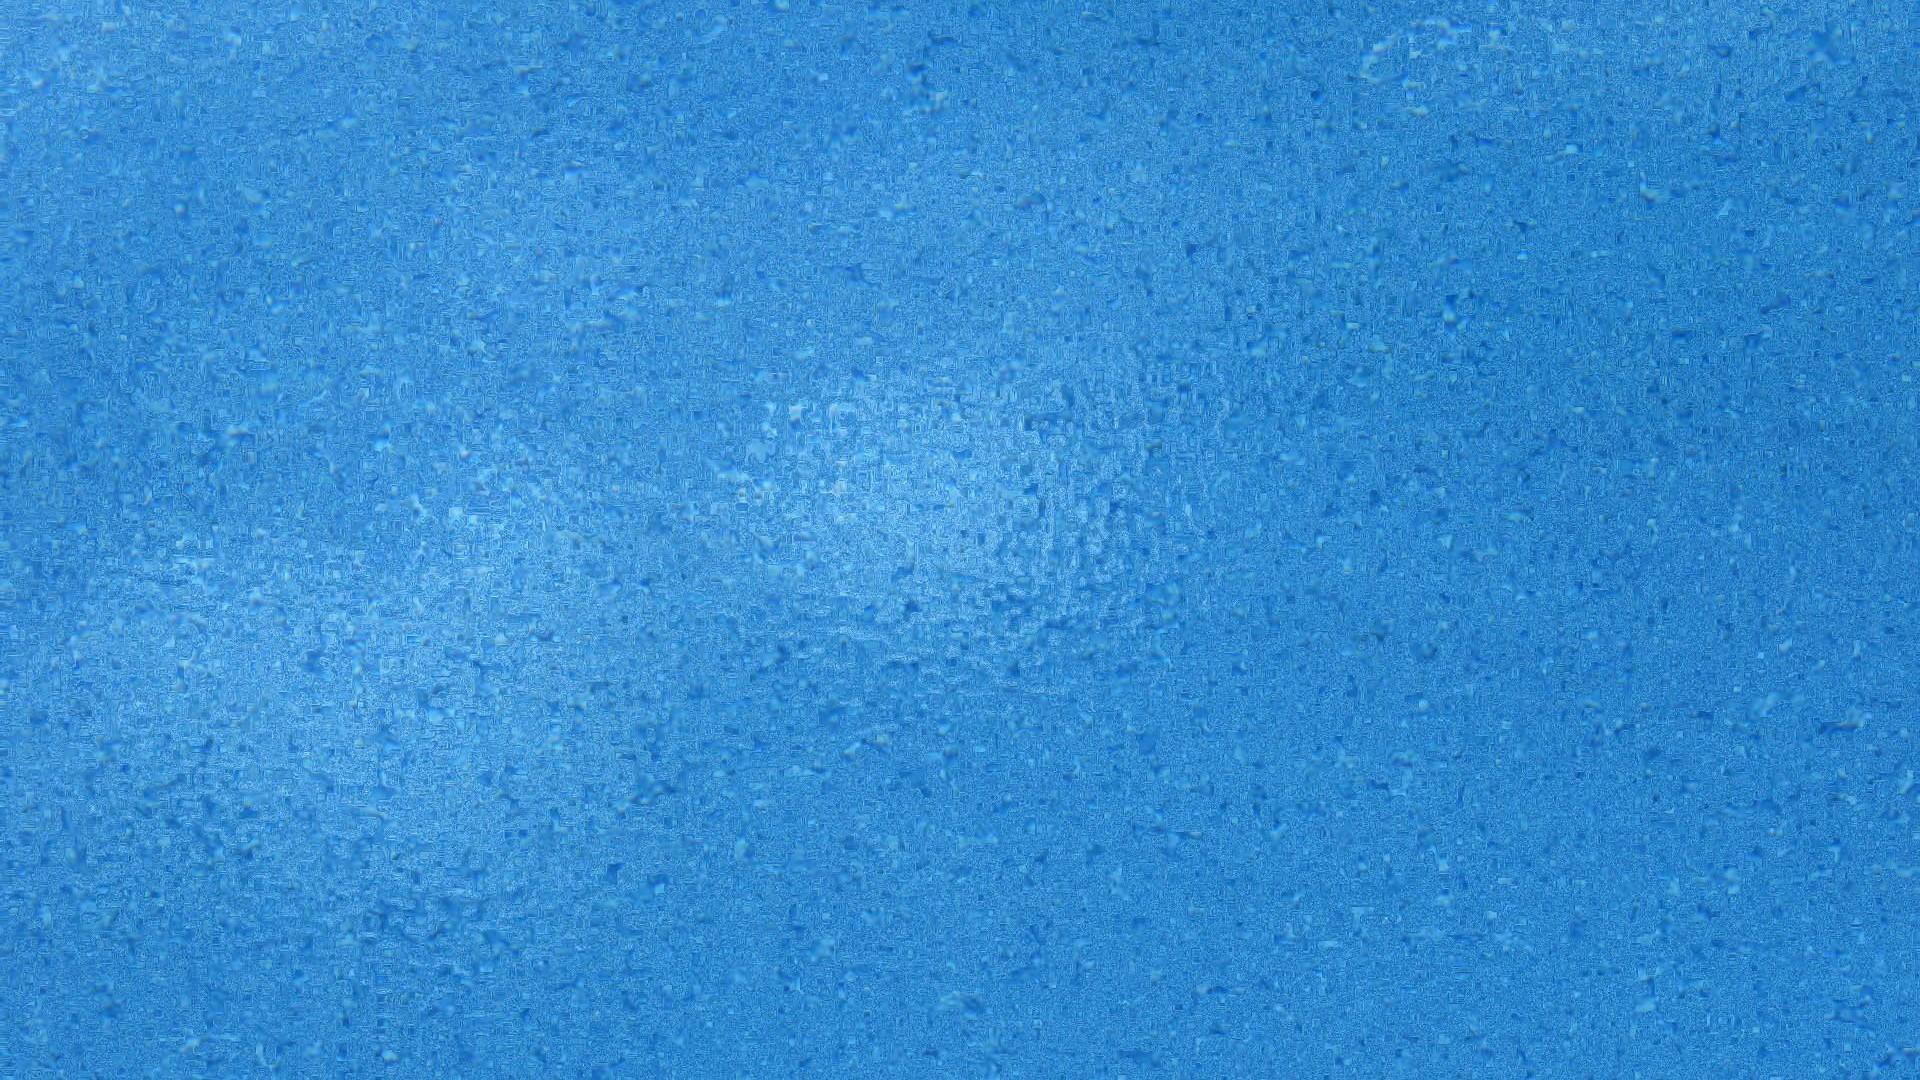 色彩缤纷蓝色PPT背景图片免费下载是由PPT宝藏(www.pptbz.com)会员zengmin上传推荐的简约PPT背景图片, 更新时间为2017-01-21,素材编号120586。 蓝色,是一种颜色,它是红绿蓝光的三原色中的一元,在这三种原色中它的波长最短,为440~475n纳米,属于短波长。蓝色是永恒的象征,它的种类很繁多,每一种蓝色又代表着不同的政治或其他含义,另外以蓝色命名的音乐、书籍、明星也不乏其例。 它是最冷的色彩。蓝色非常纯净,通常让人联想到海洋、天空、水、宇宙。纯净的蓝色表现出一种美丽、冷